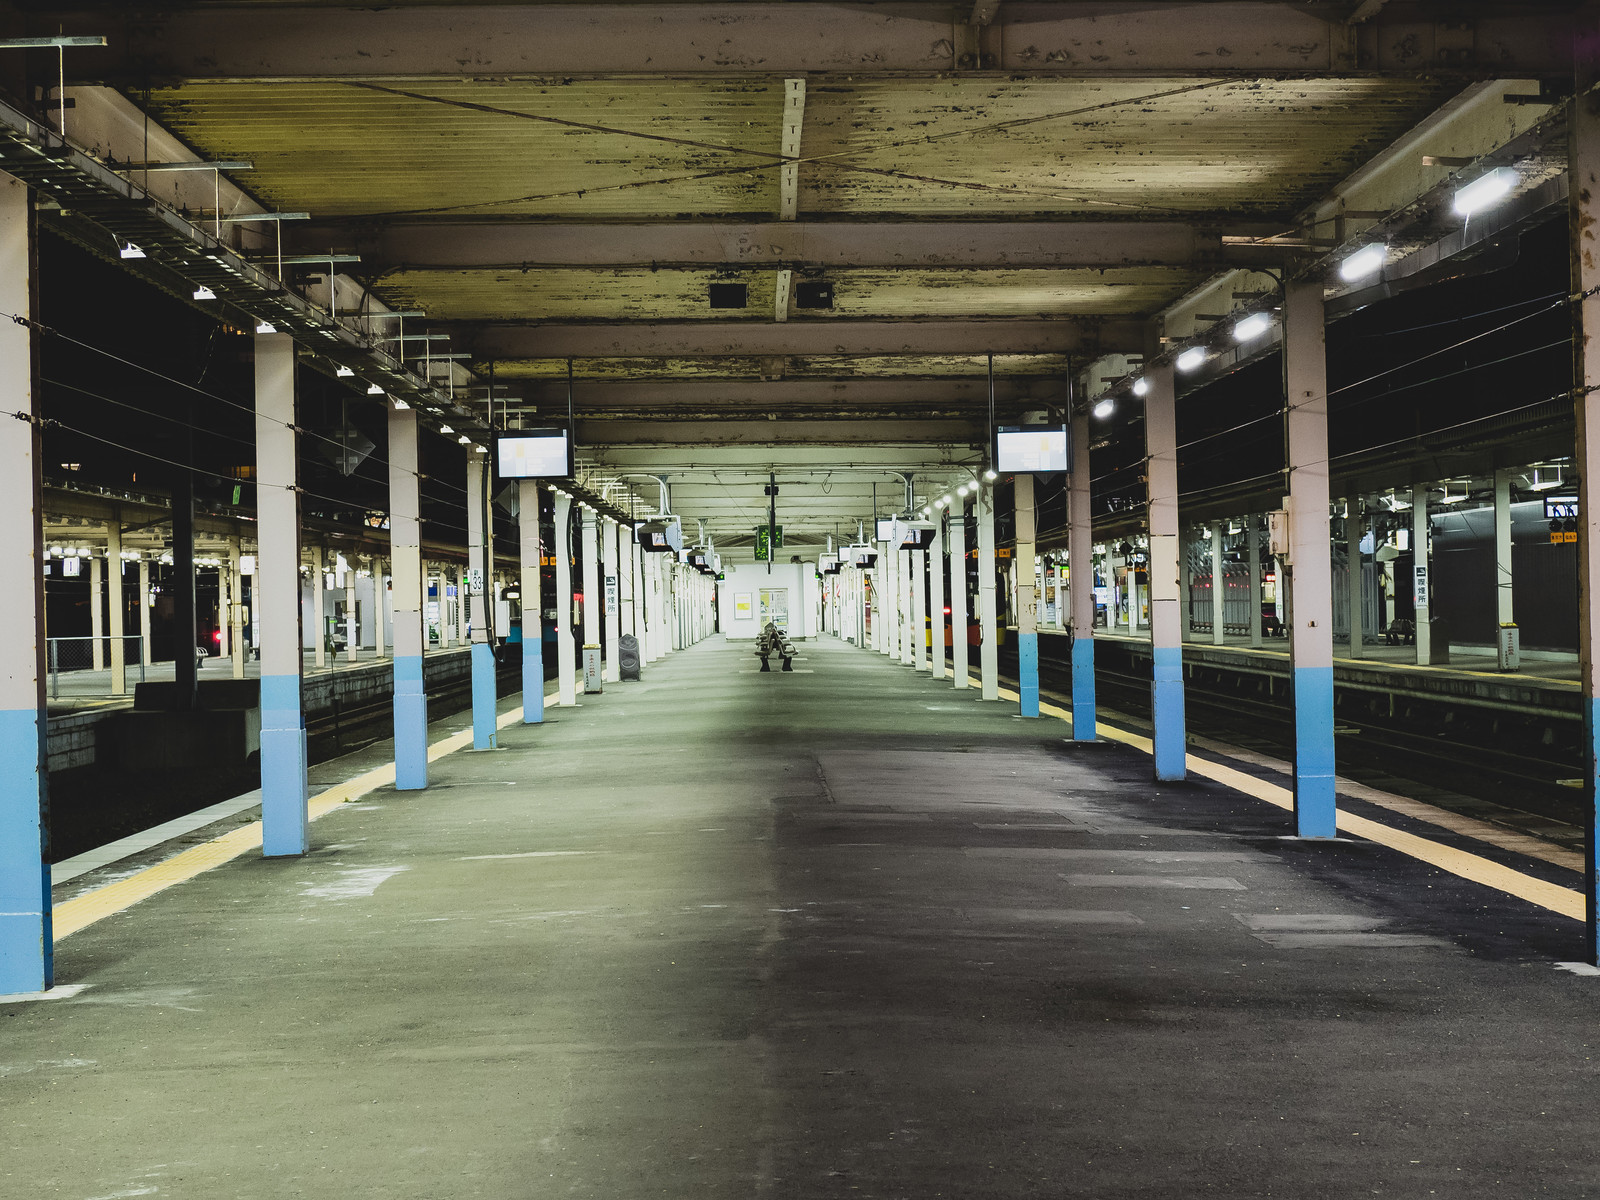 「静寂に包まれる夜間のホーム(JR青森駅)静寂に包まれる夜間のホーム(JR青森駅)」のフリー写真素材を拡大